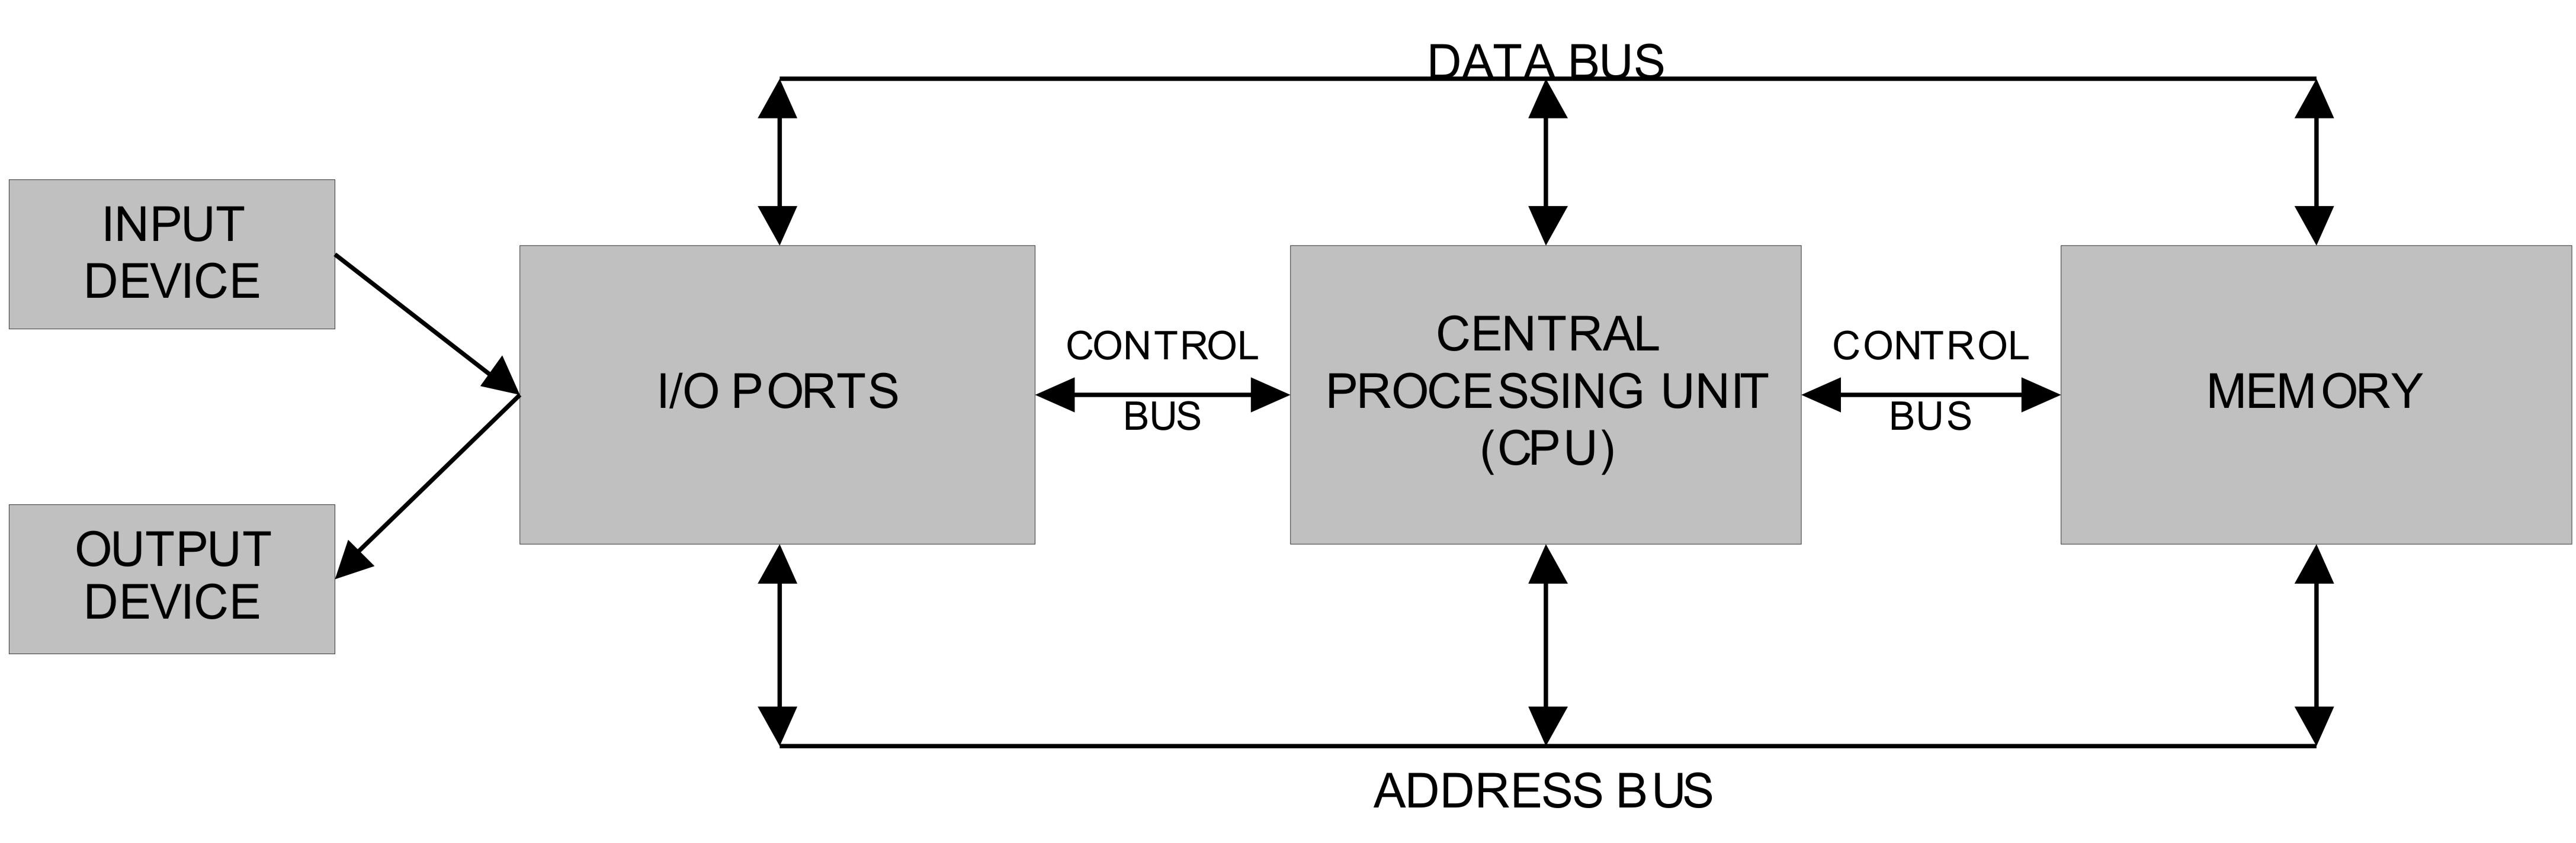 Komputer      Pengertian  Sejarah  Generasi  Bagian  Komponen